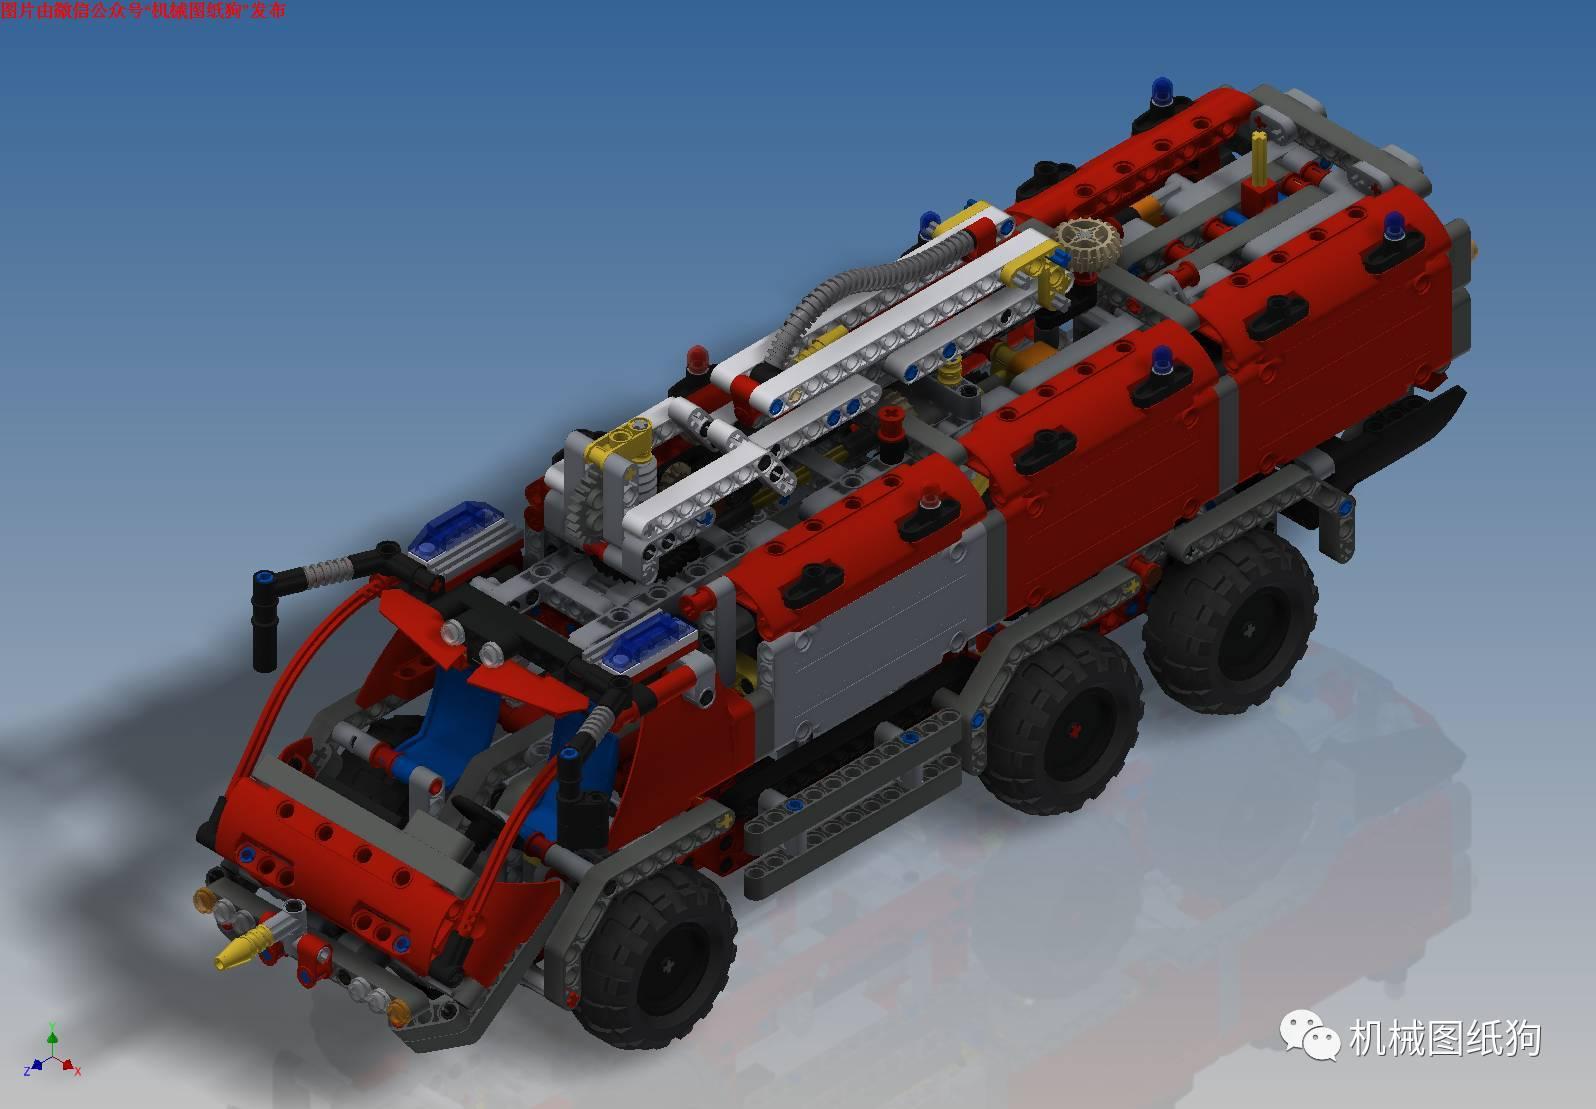 【工程机械】机场救援车拼装玩具模型3d图纸 inventor